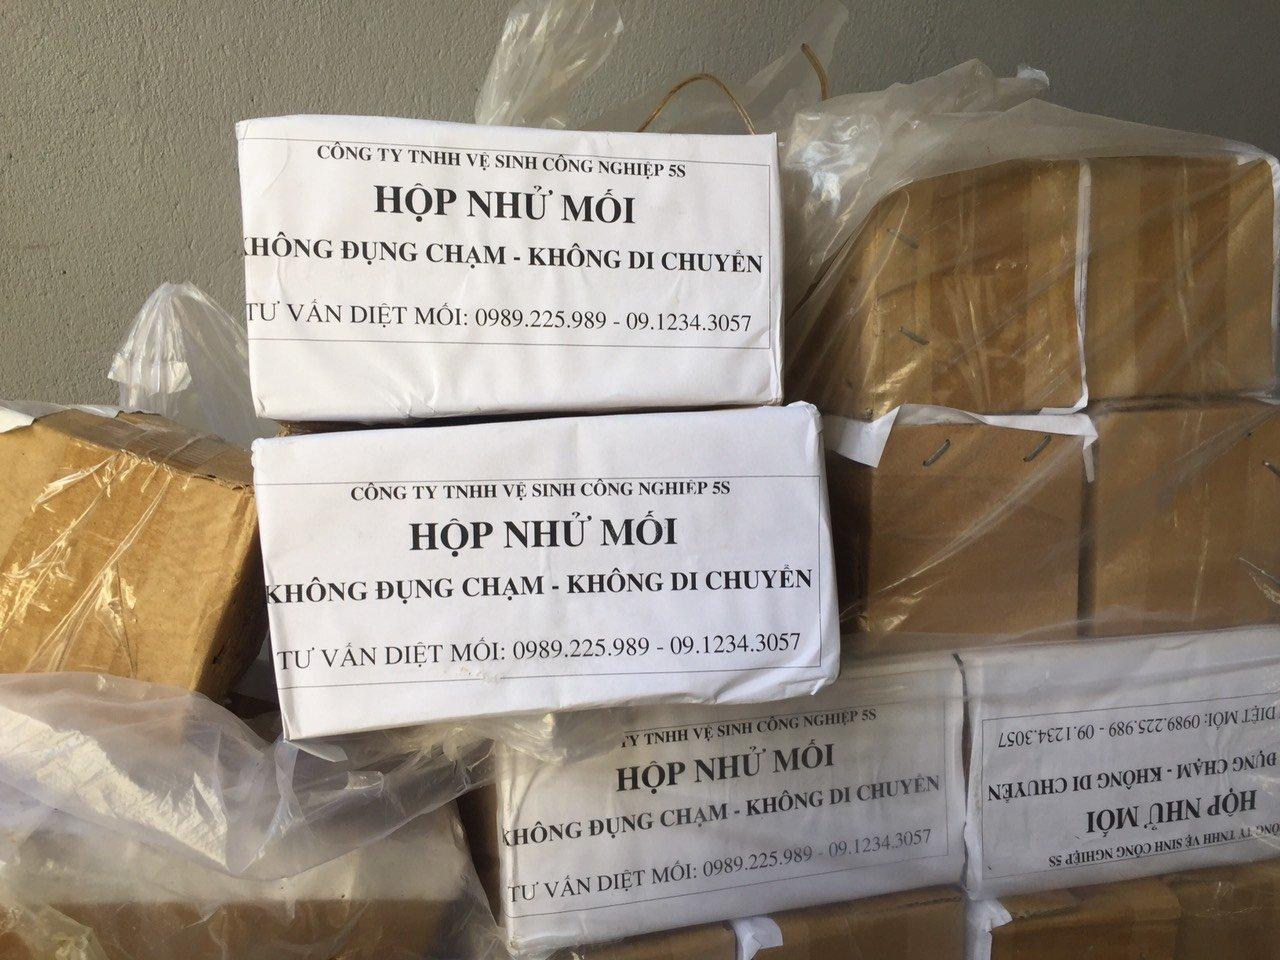 Hộp nhử mối tại Đà Nẵng